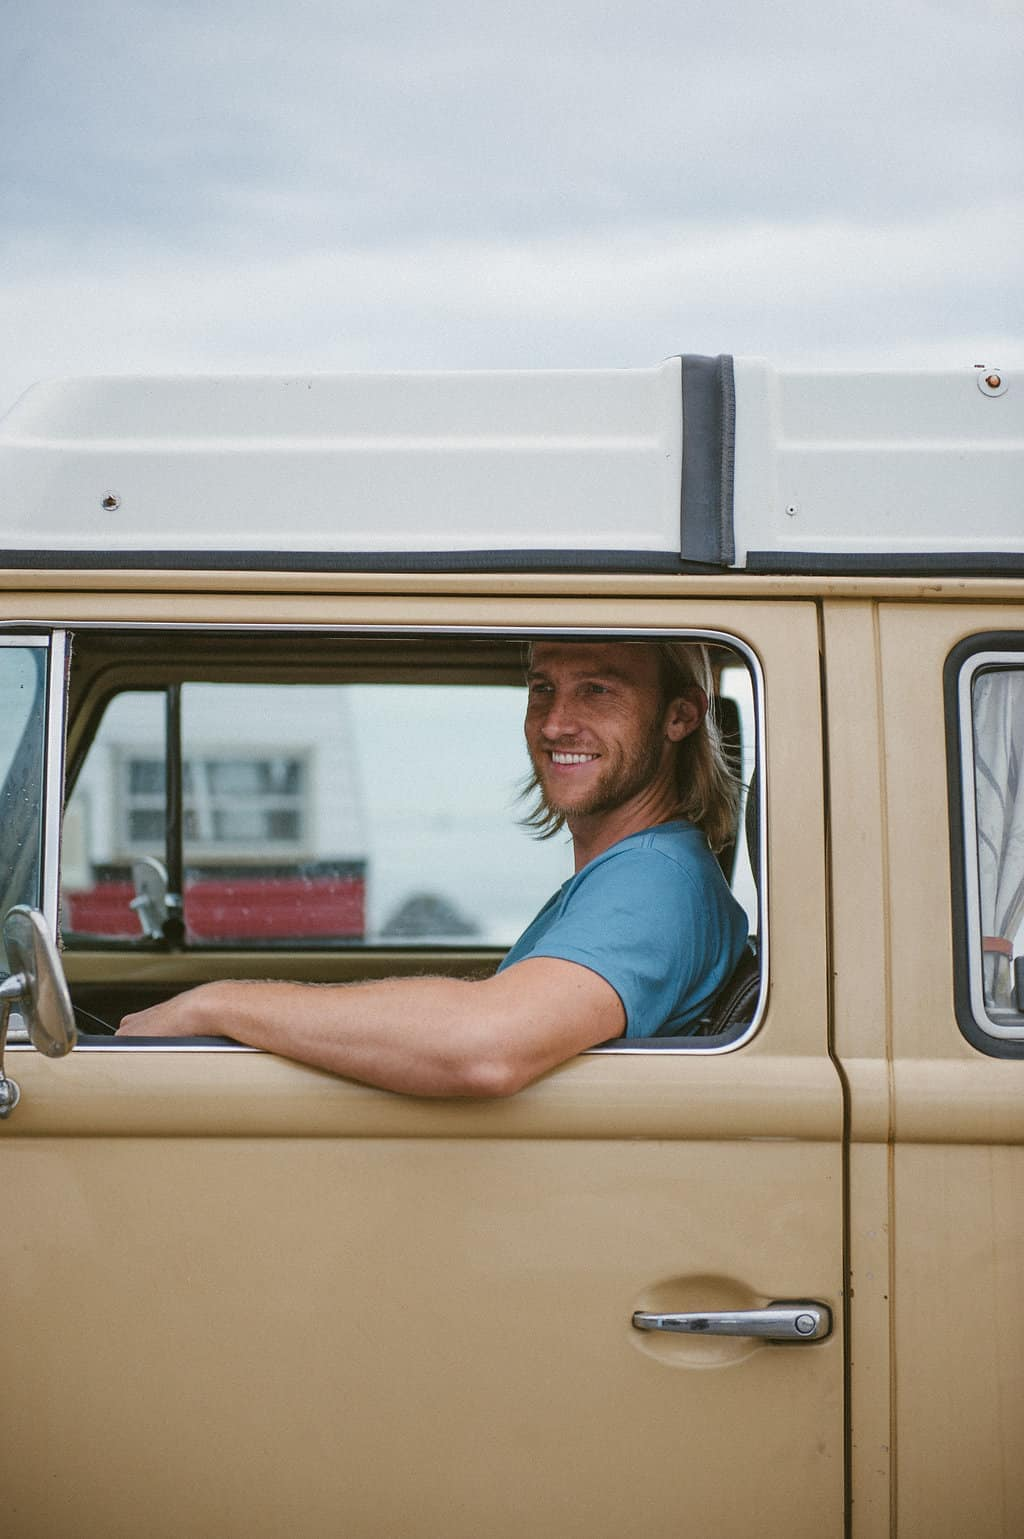 vw bus road trip